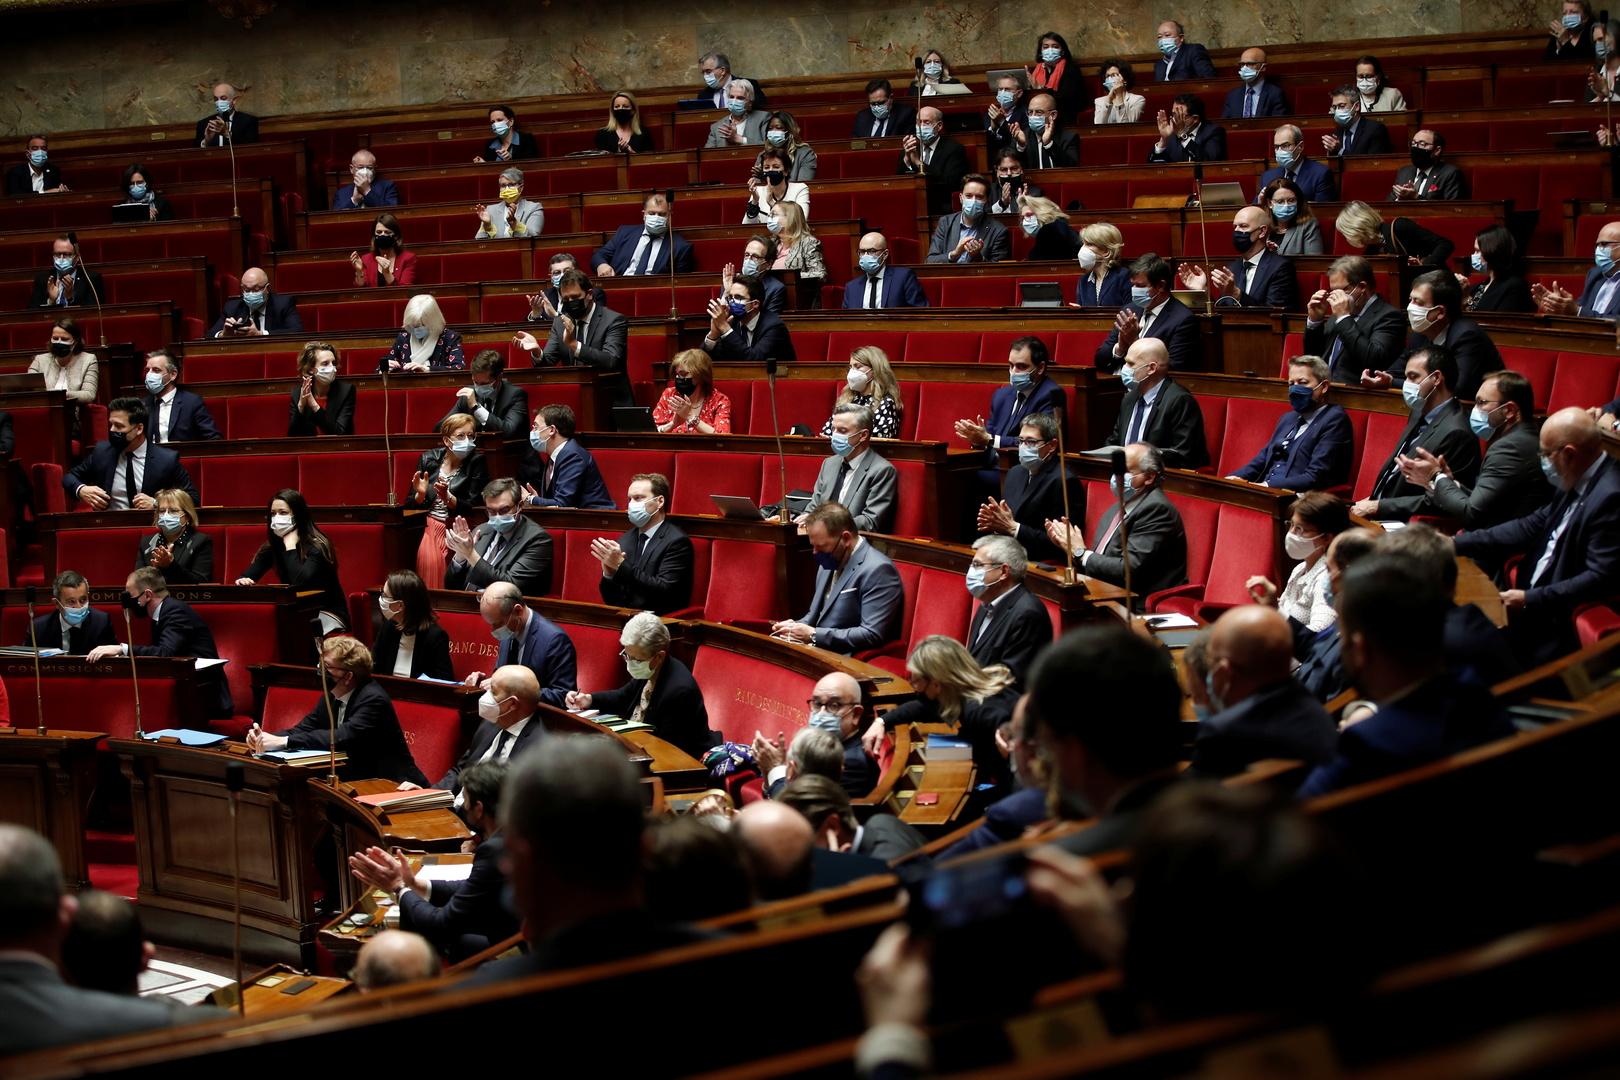 النواب الفرنسيون يصوتون ضد